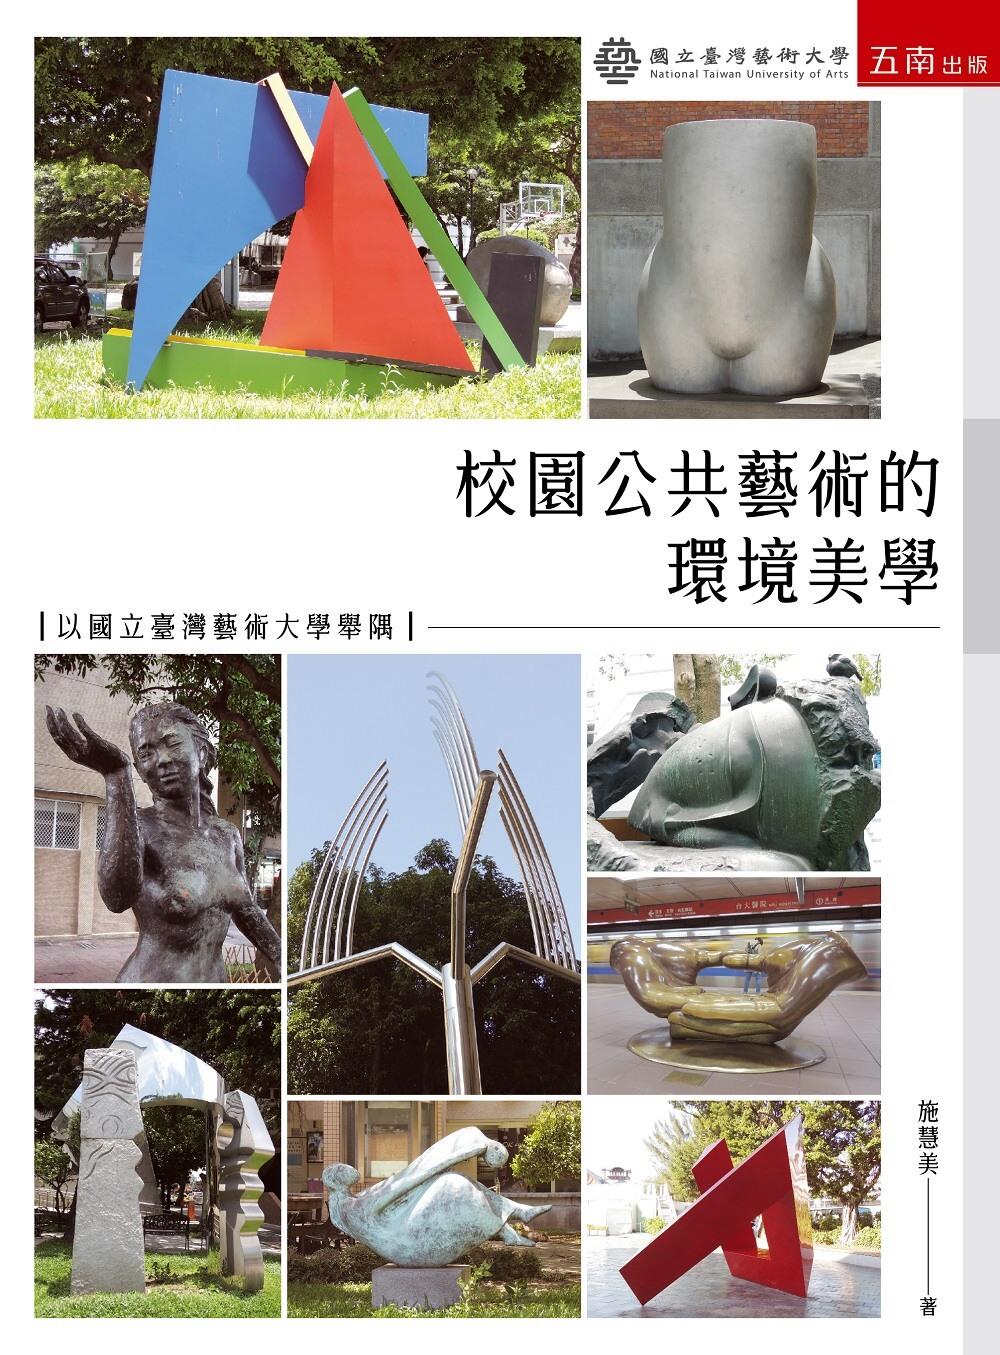 校園公共藝術的環境美學:以國立臺灣藝術大學舉隅